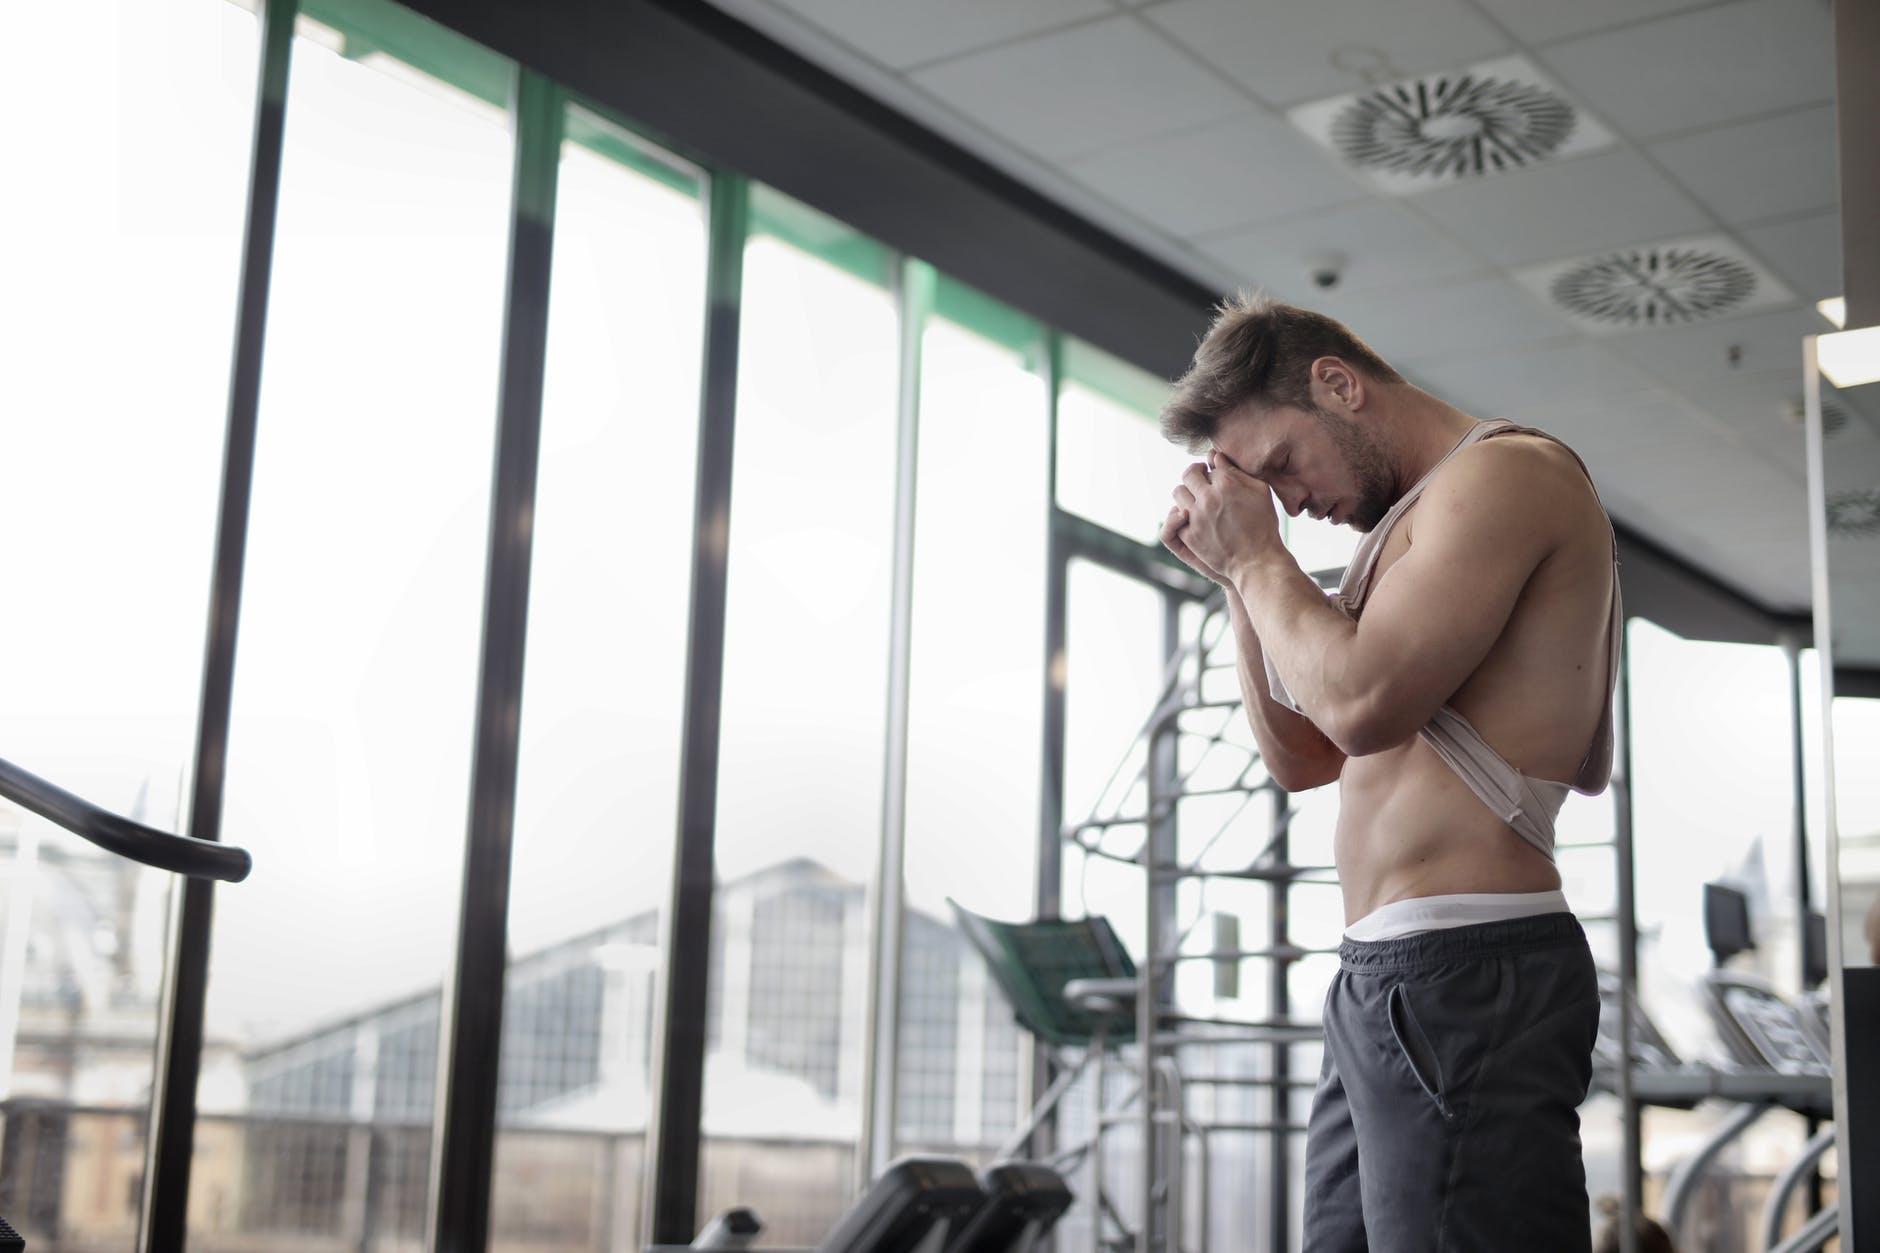 ćwiczenia na siłowni najlepsze sposoby mity